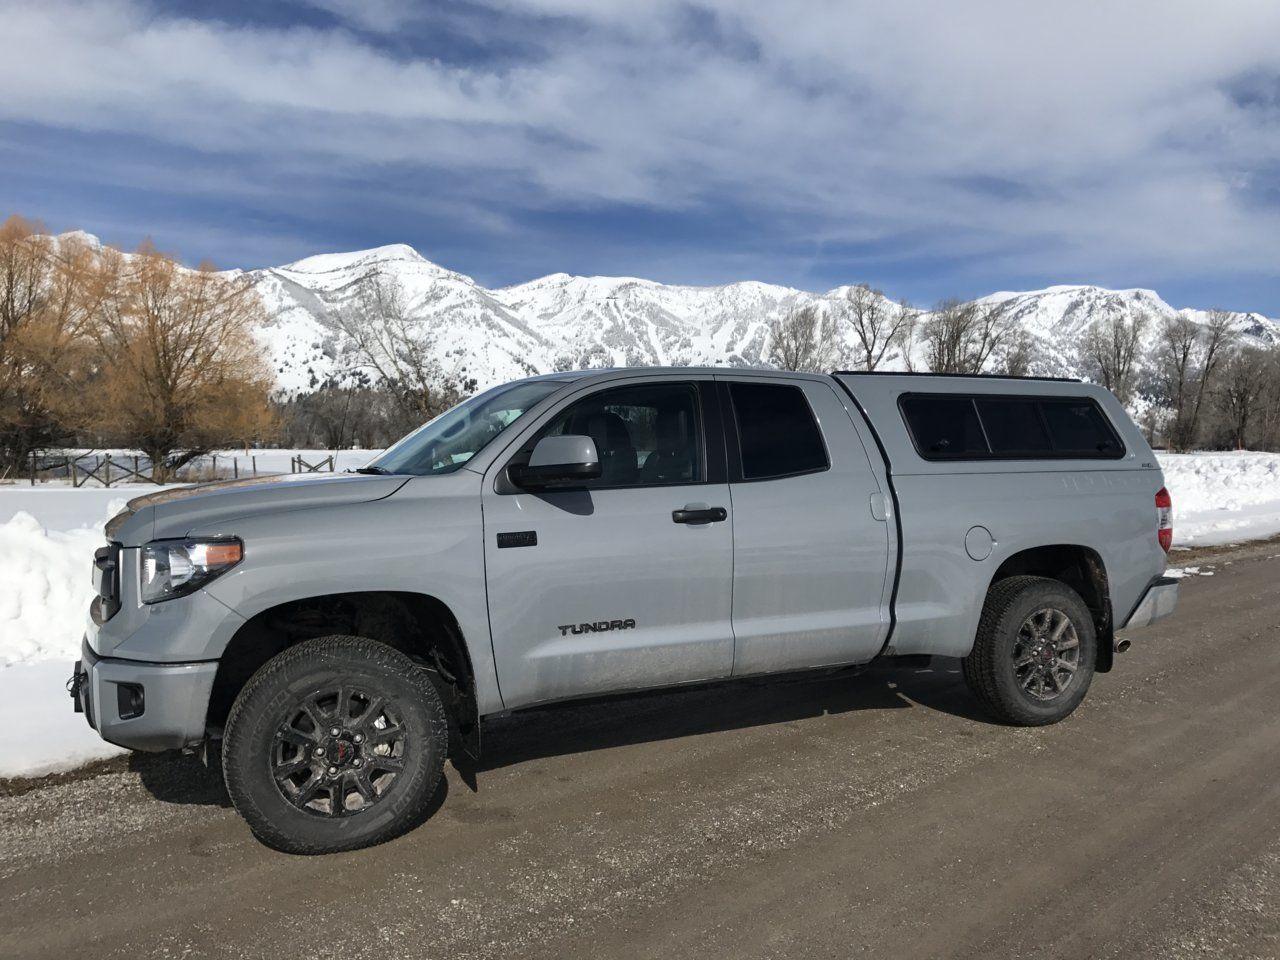 toyota tundra canopy Toyota tundra, Tundra, Suv 4x4